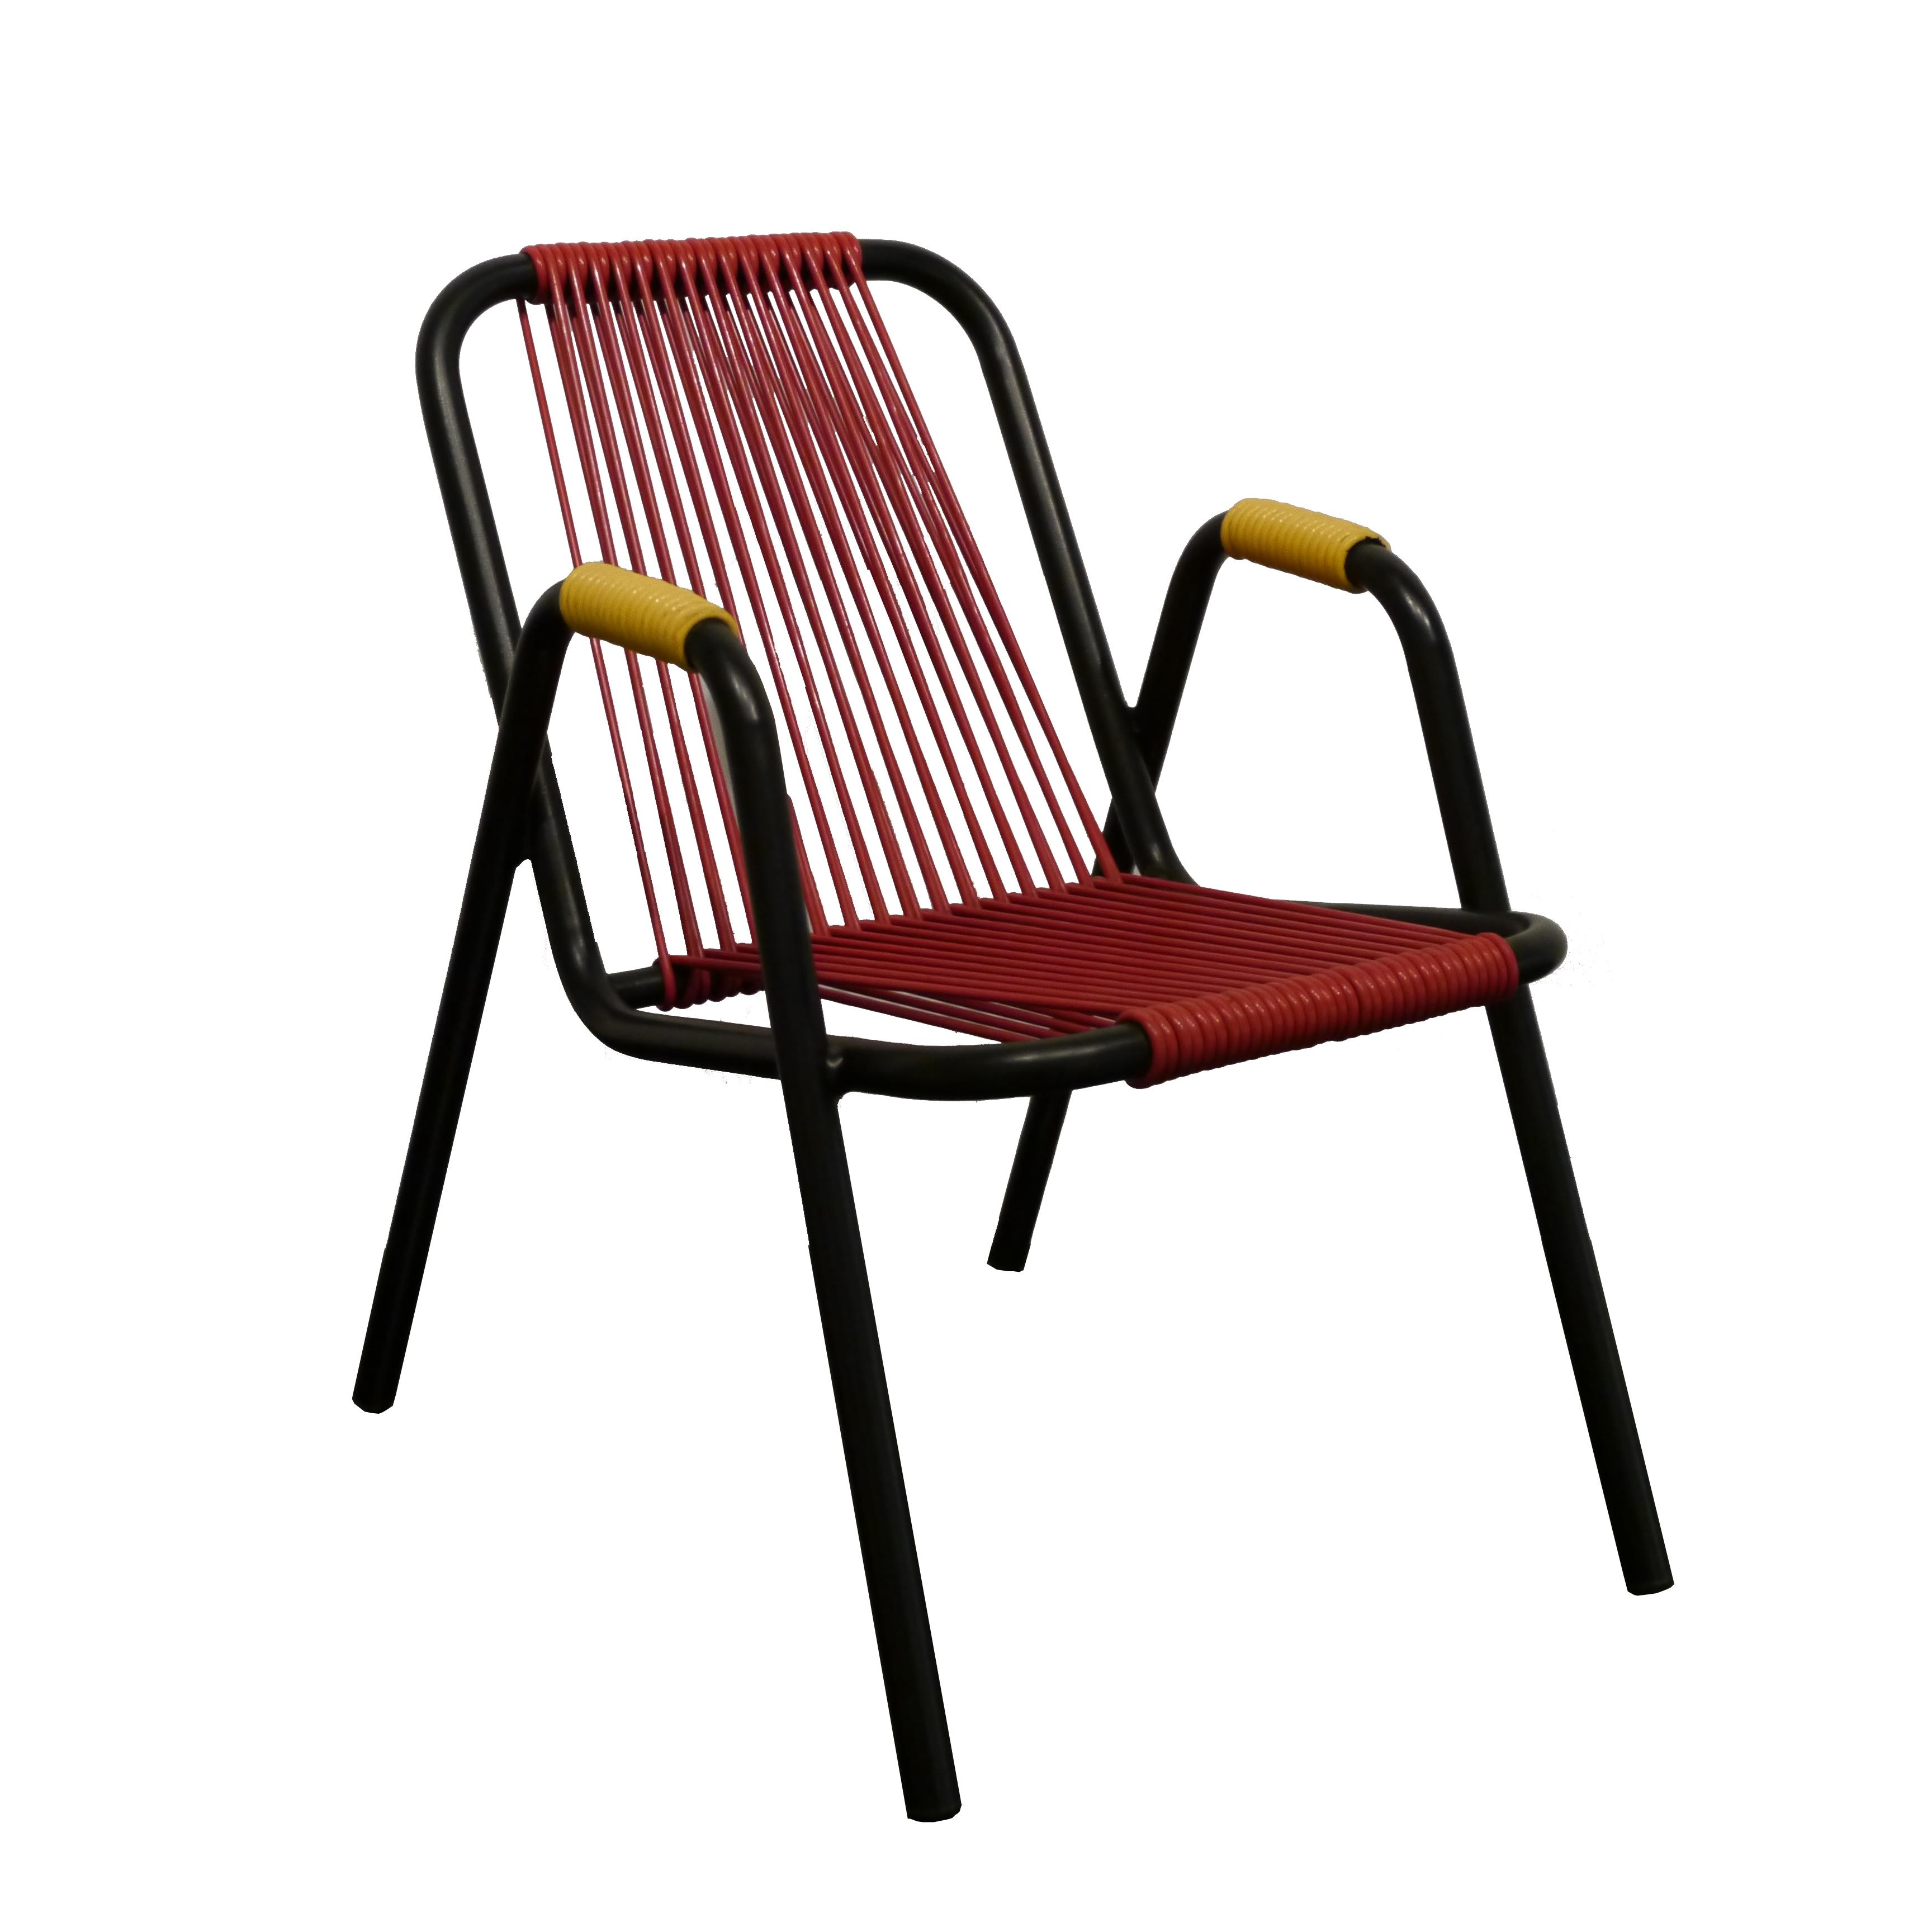 fauteuil scoubidou la marelle mobilier et d co vintage pour enfants. Black Bedroom Furniture Sets. Home Design Ideas